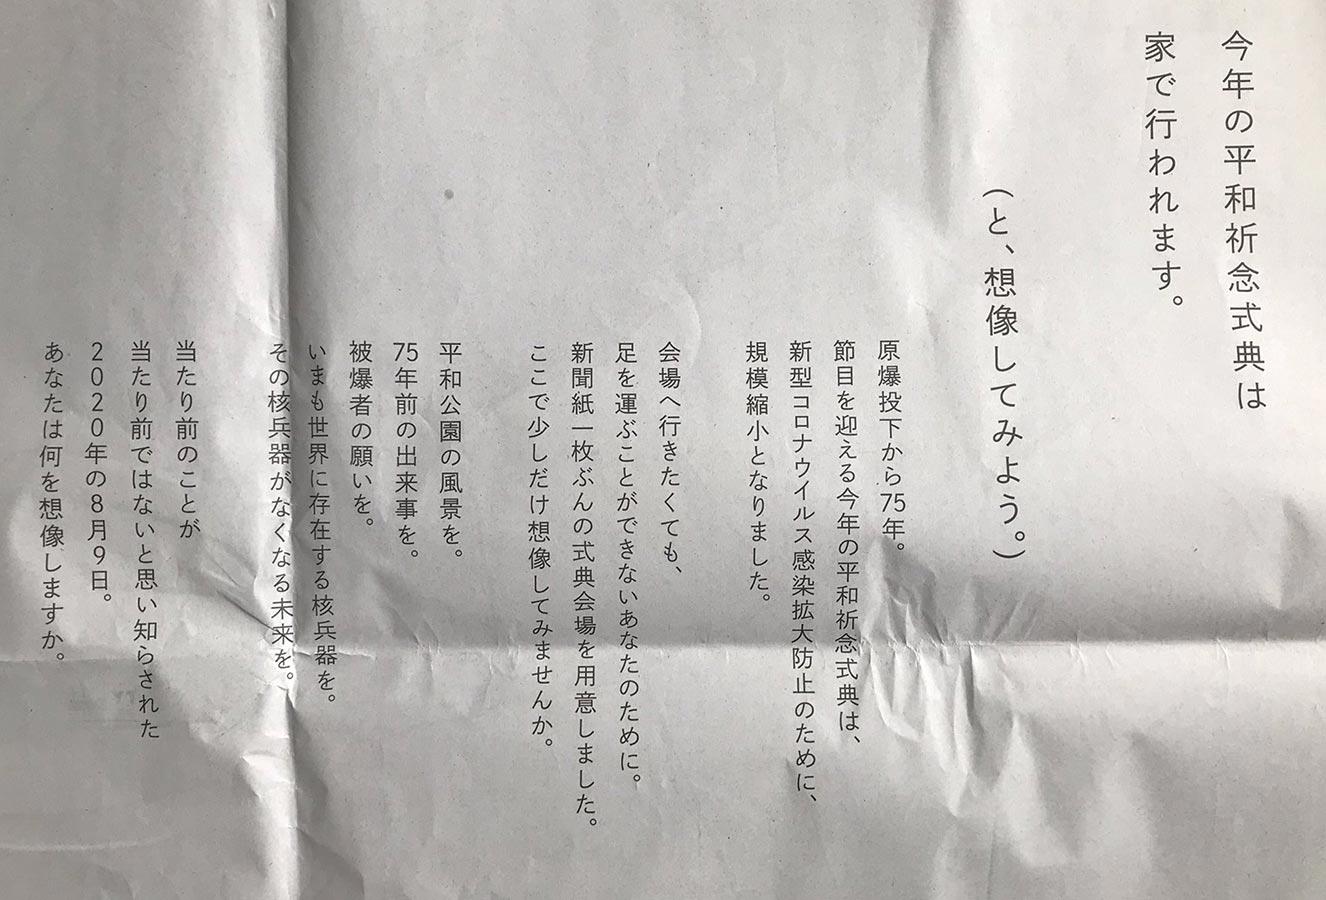 長崎原爆の日の長崎新聞の工夫が話題に